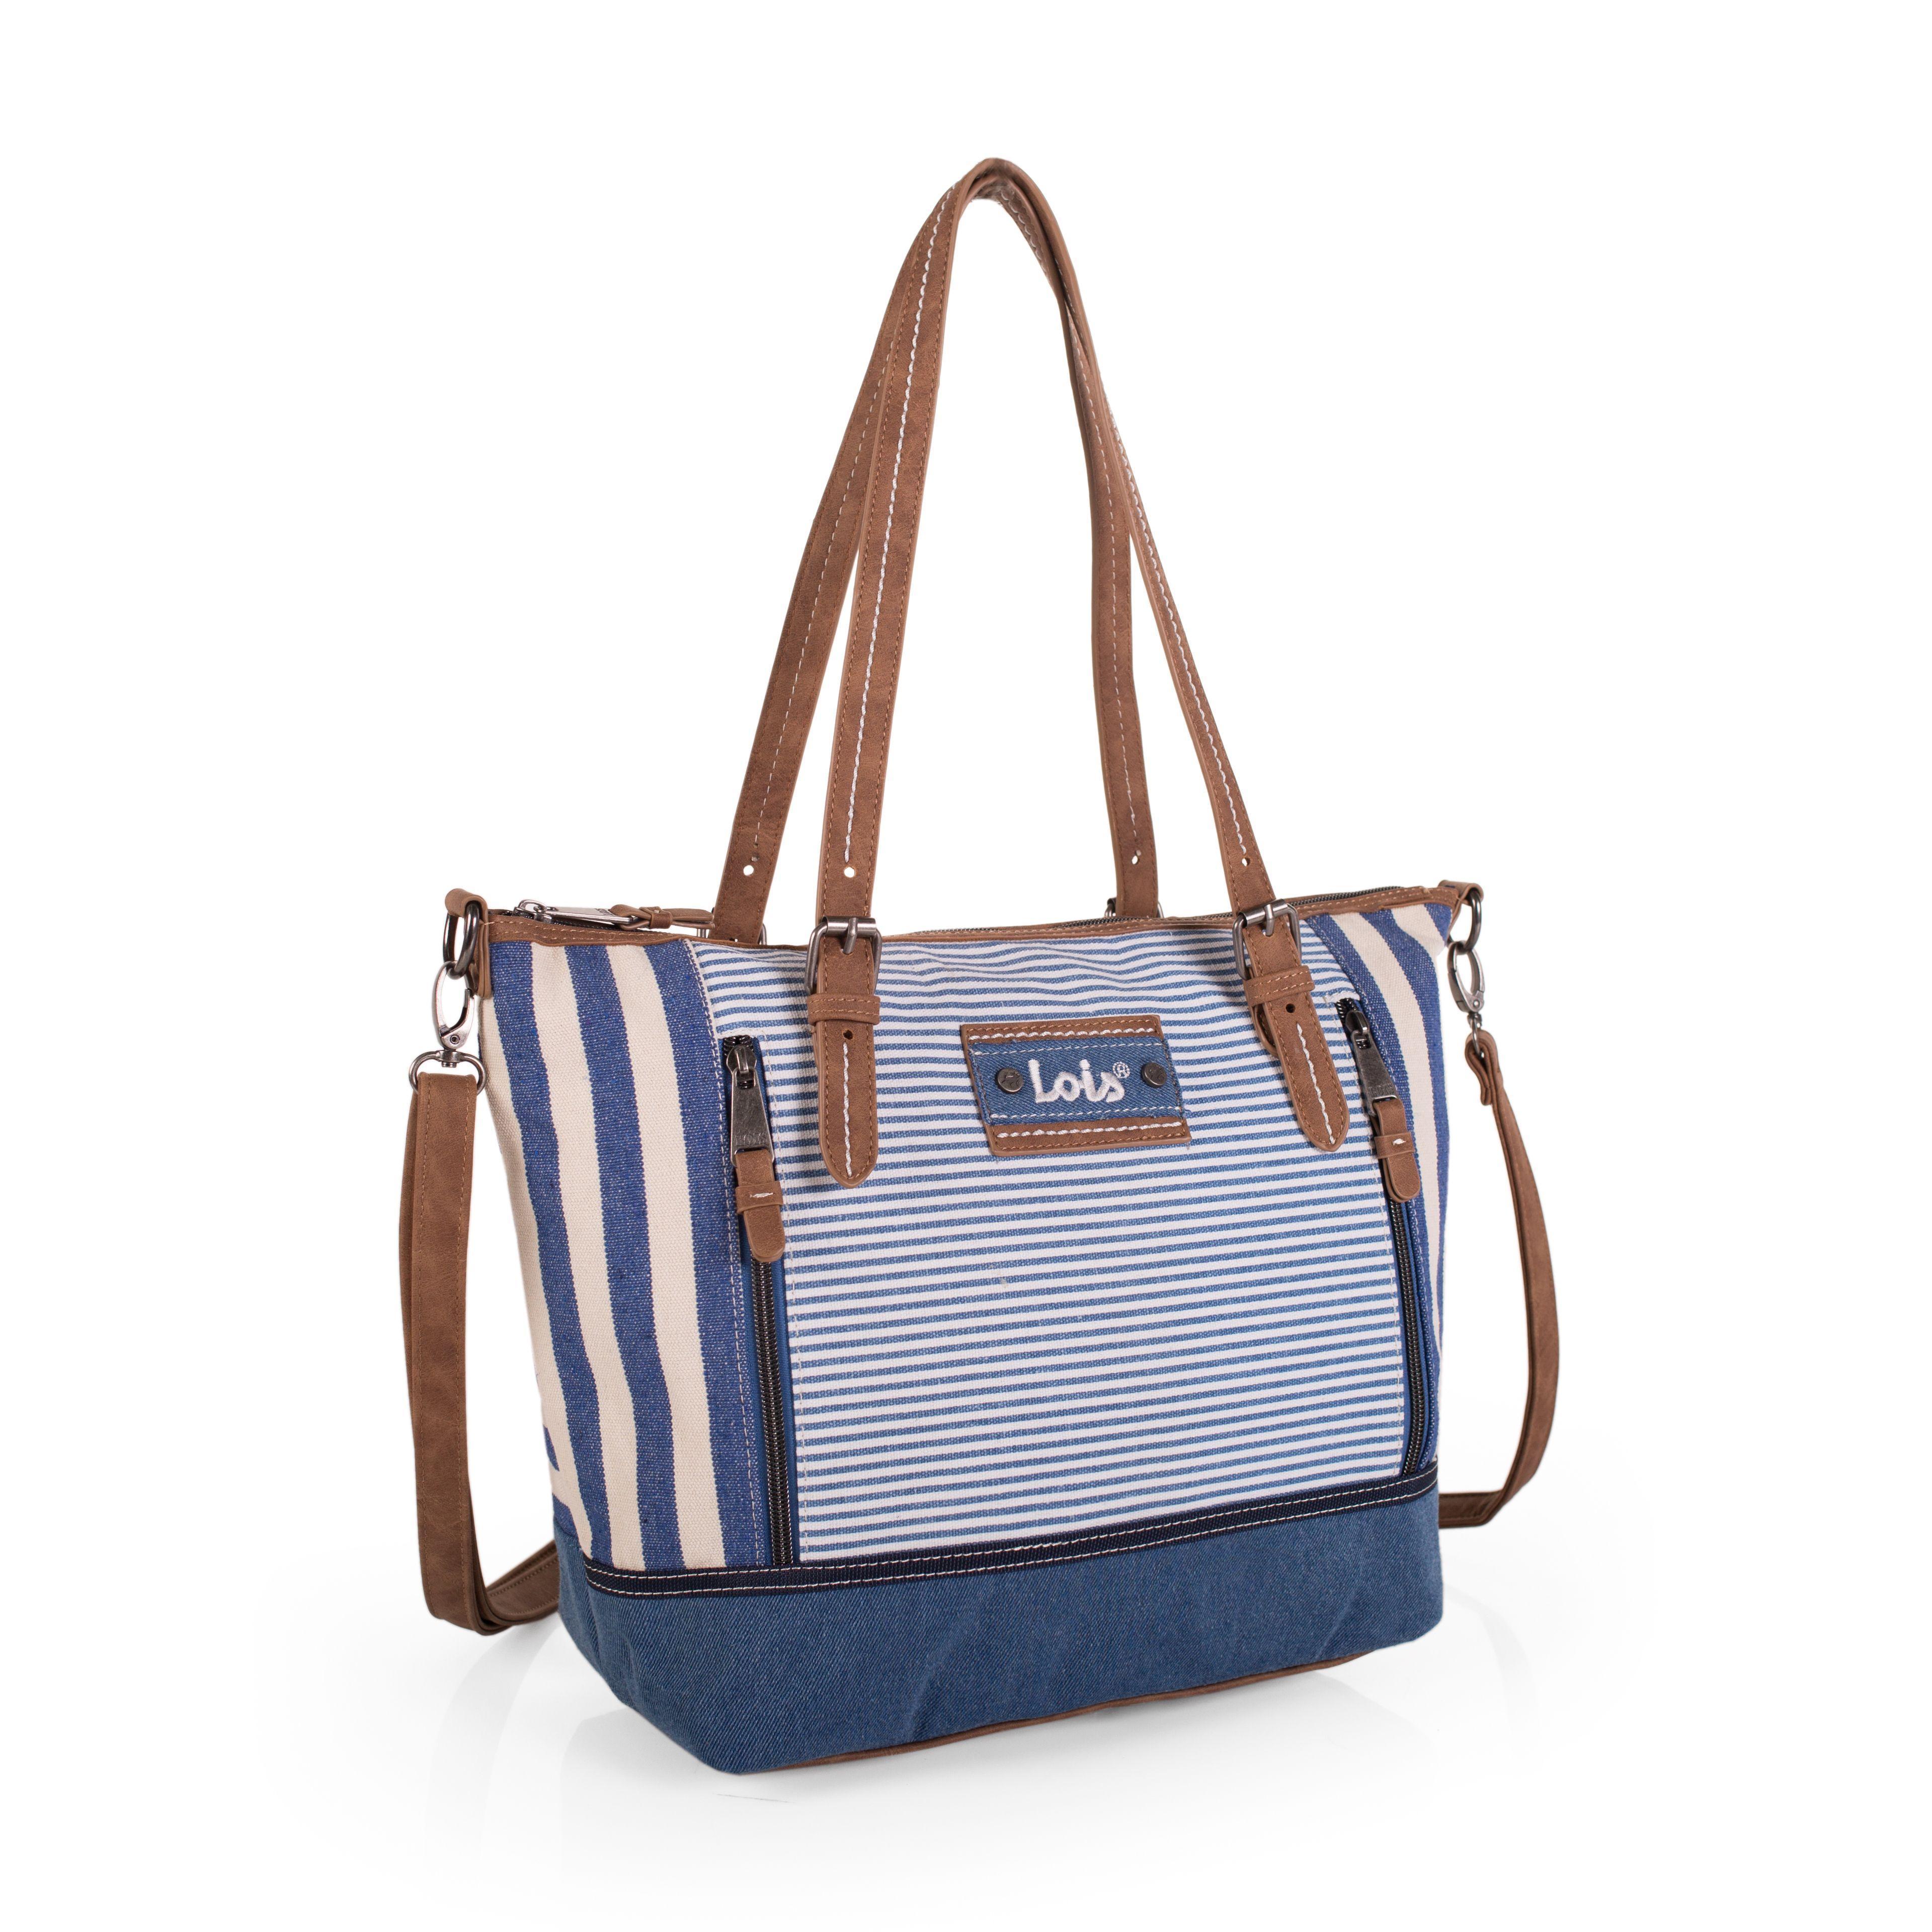 Bolso Lois colección primavera en rayas azulblanco, con